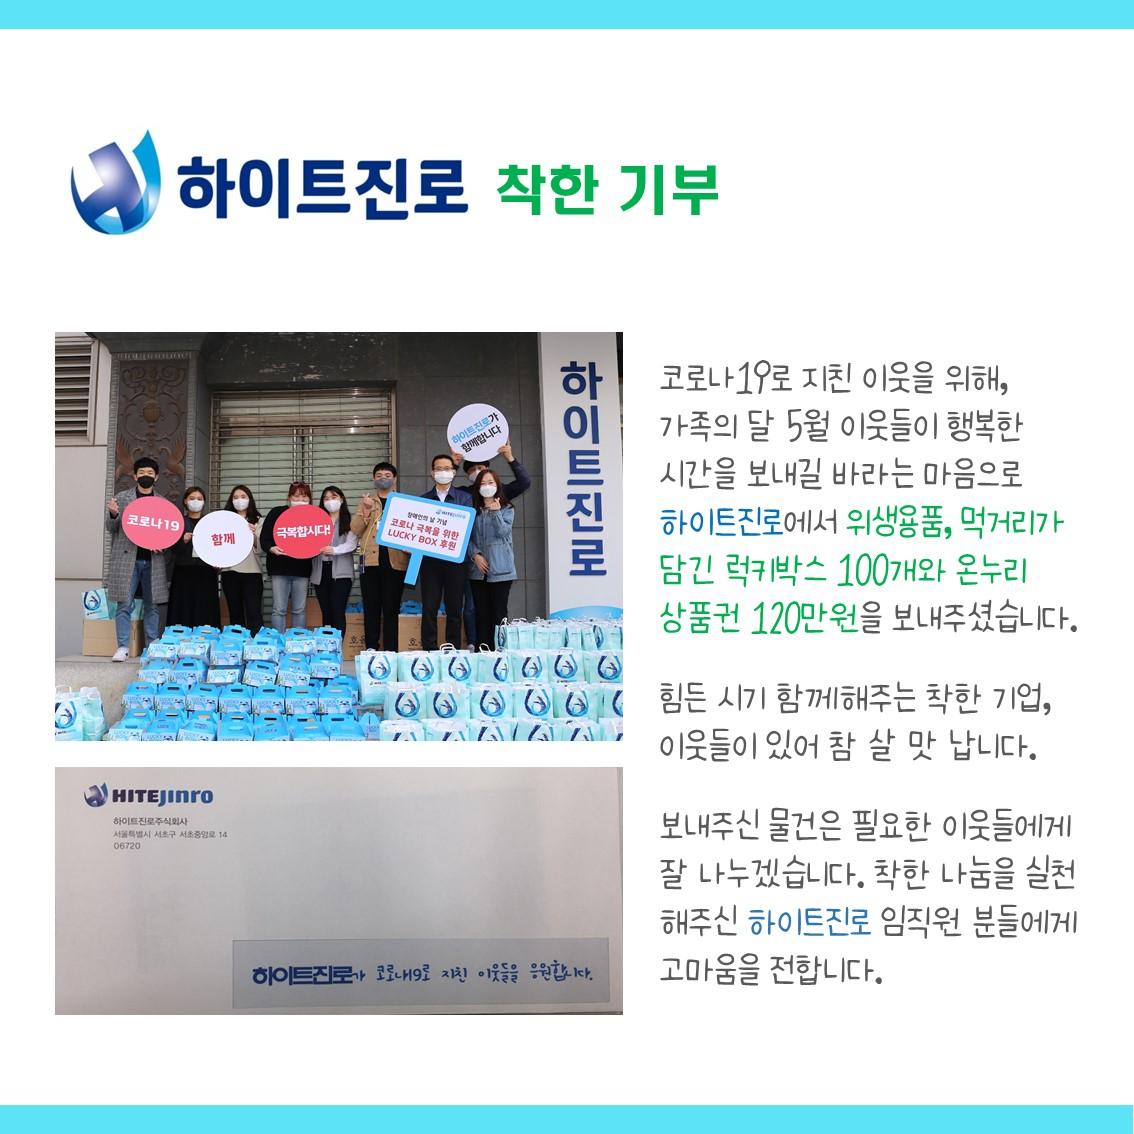 하이트진로 온누리상품권, 럭키박스 등 착한 기부 실천